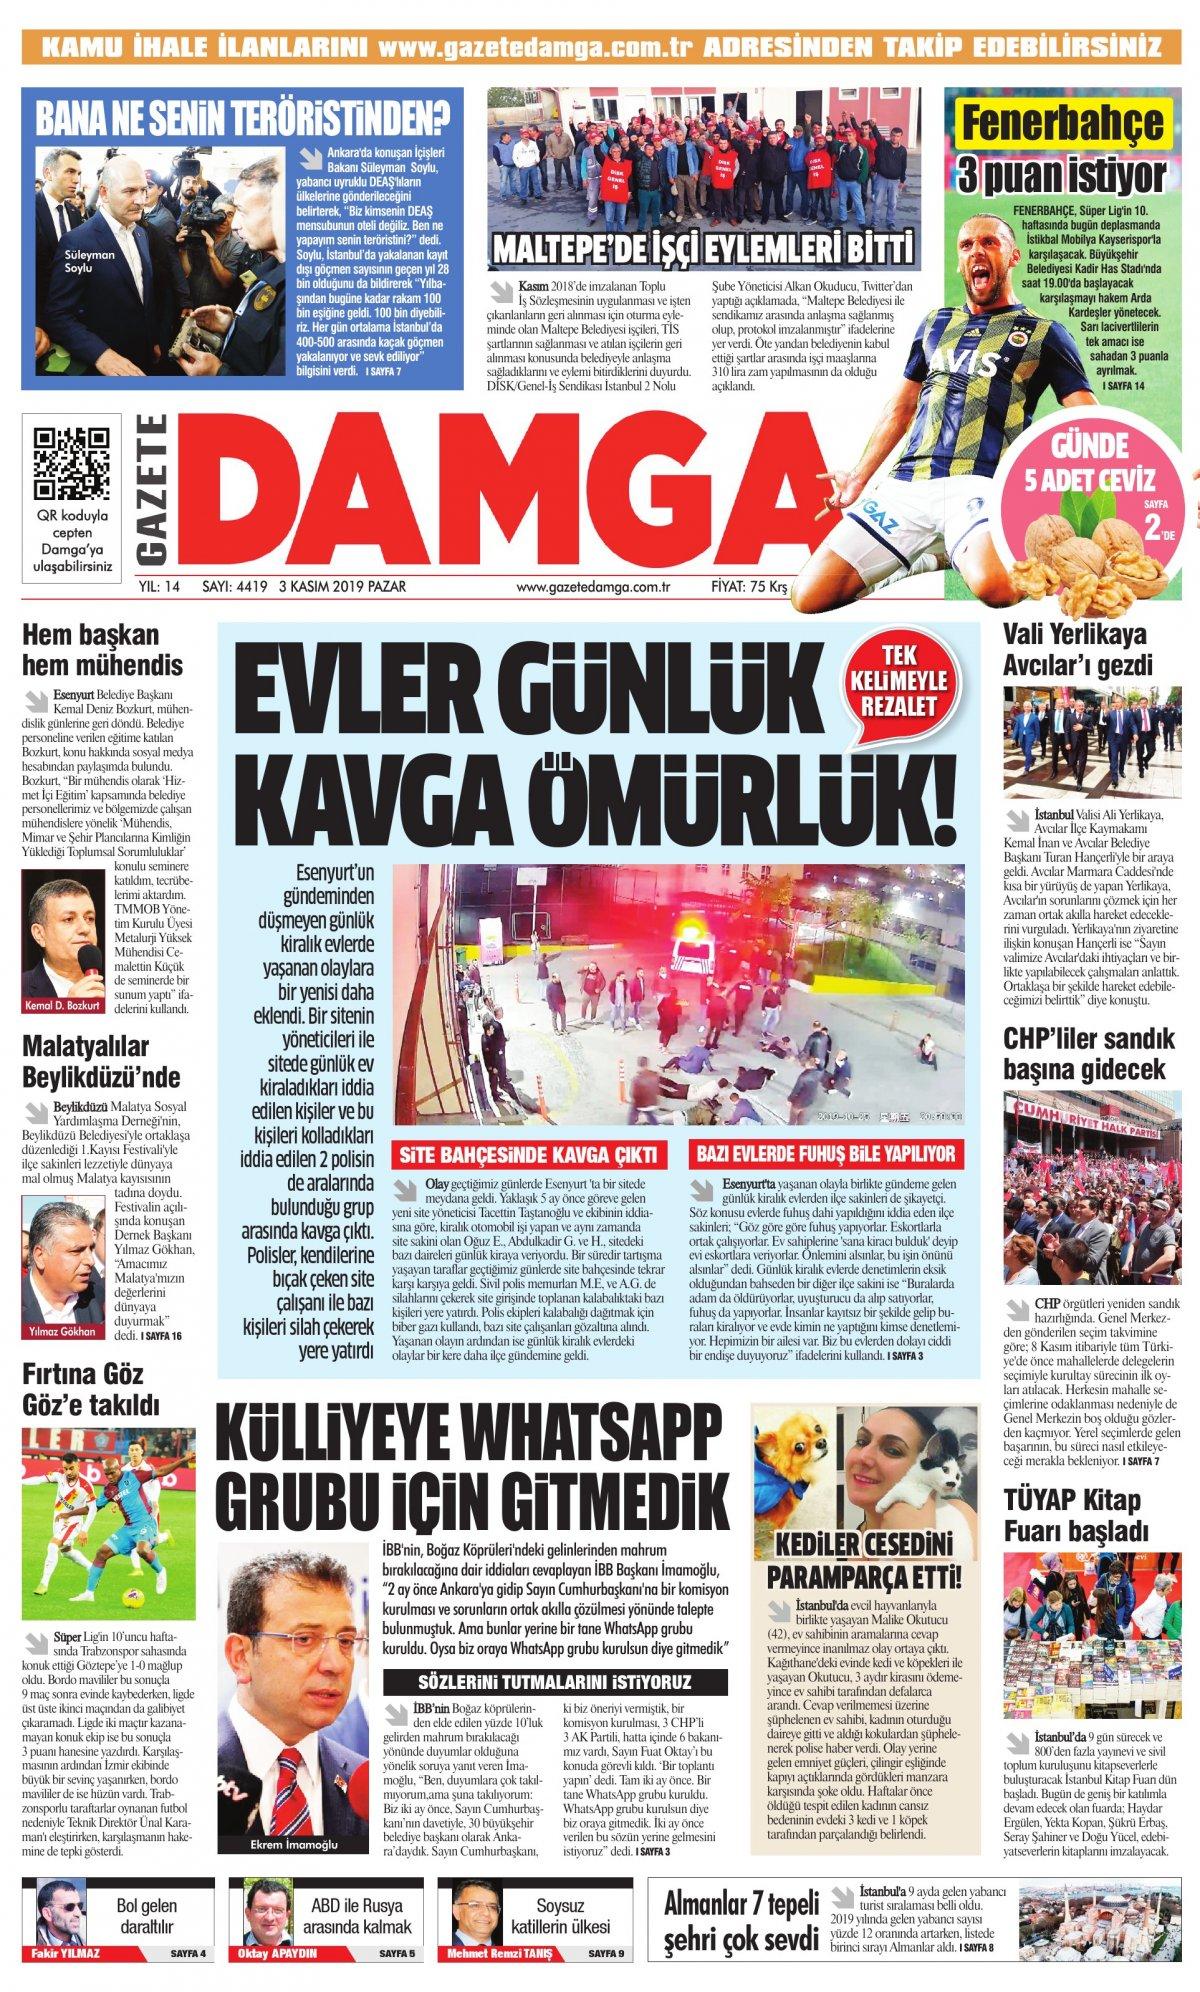 Gazete Damga - 03.11.2019 Sayfaları